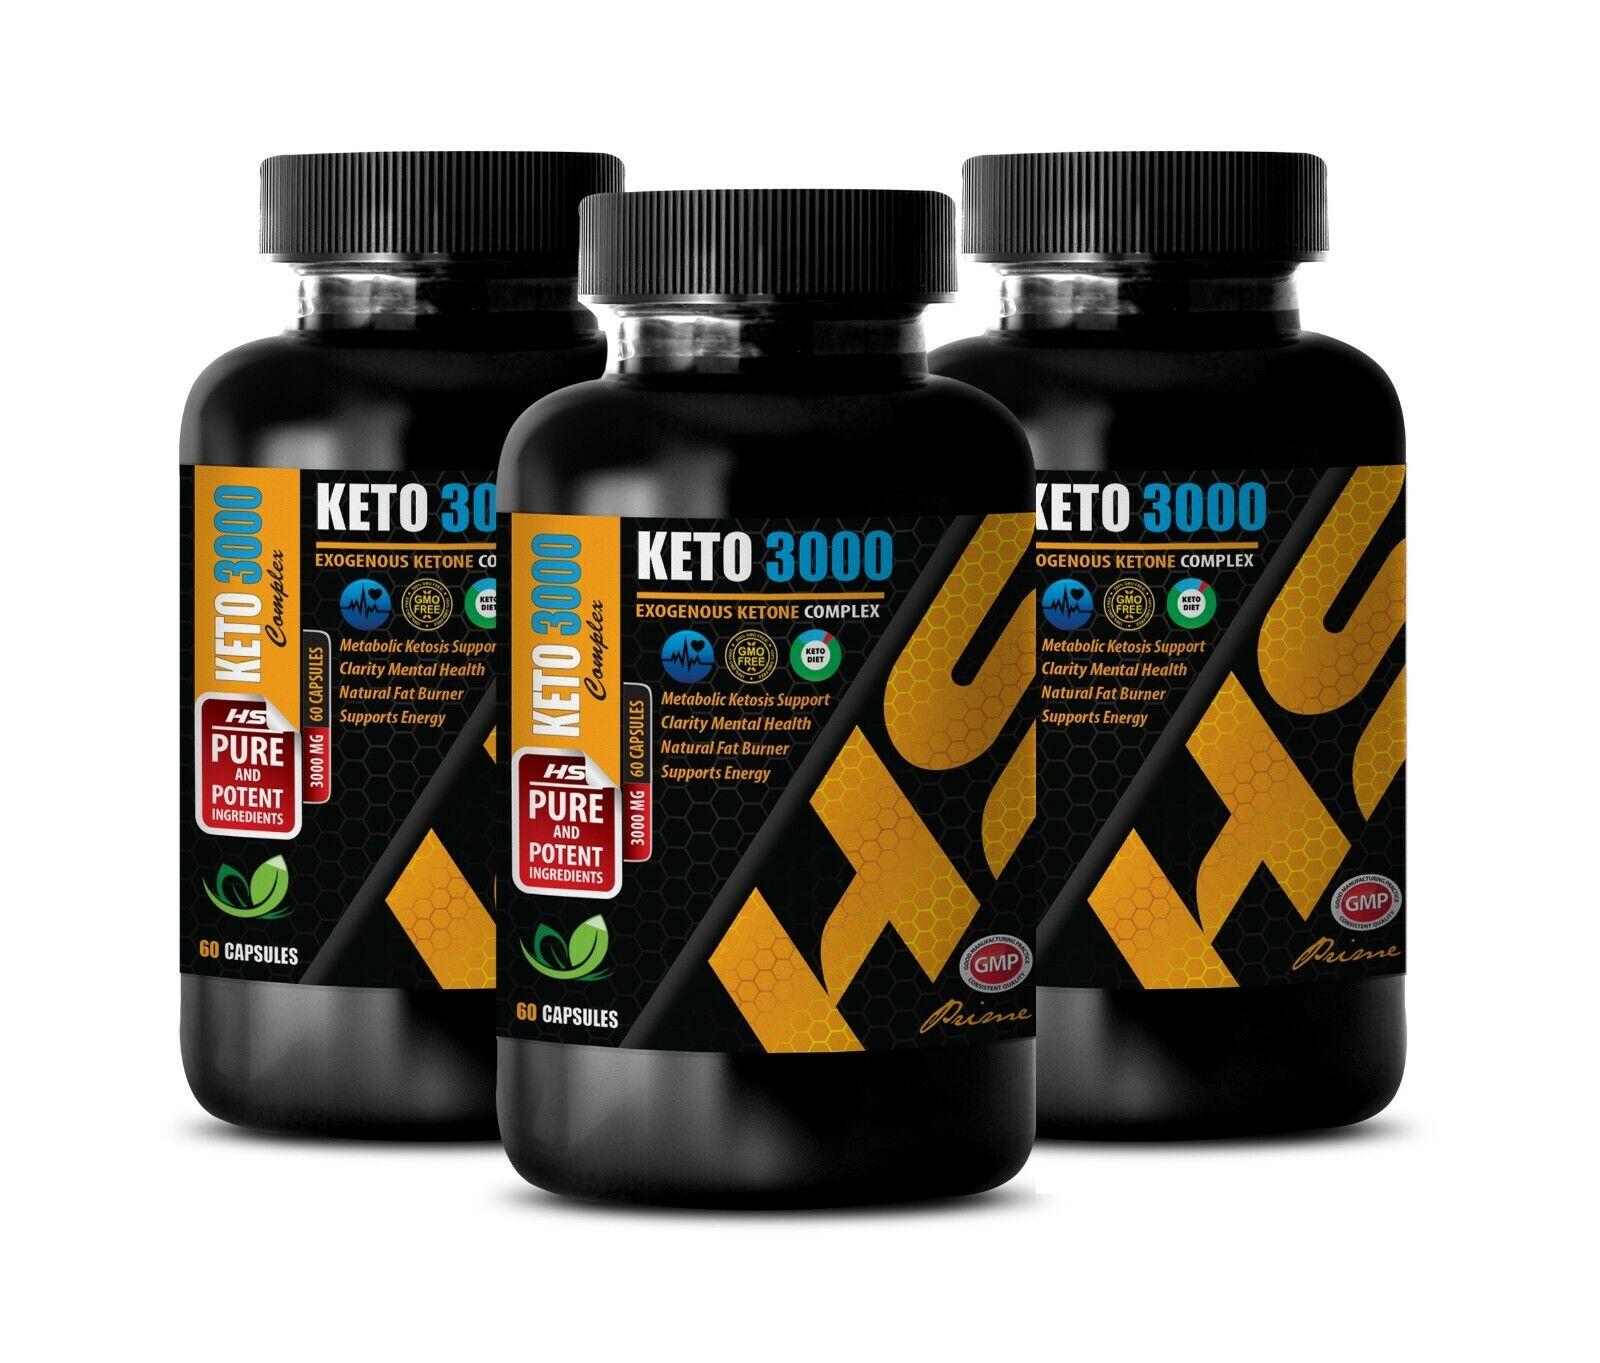 weight loss kit keto complex bhb ketones